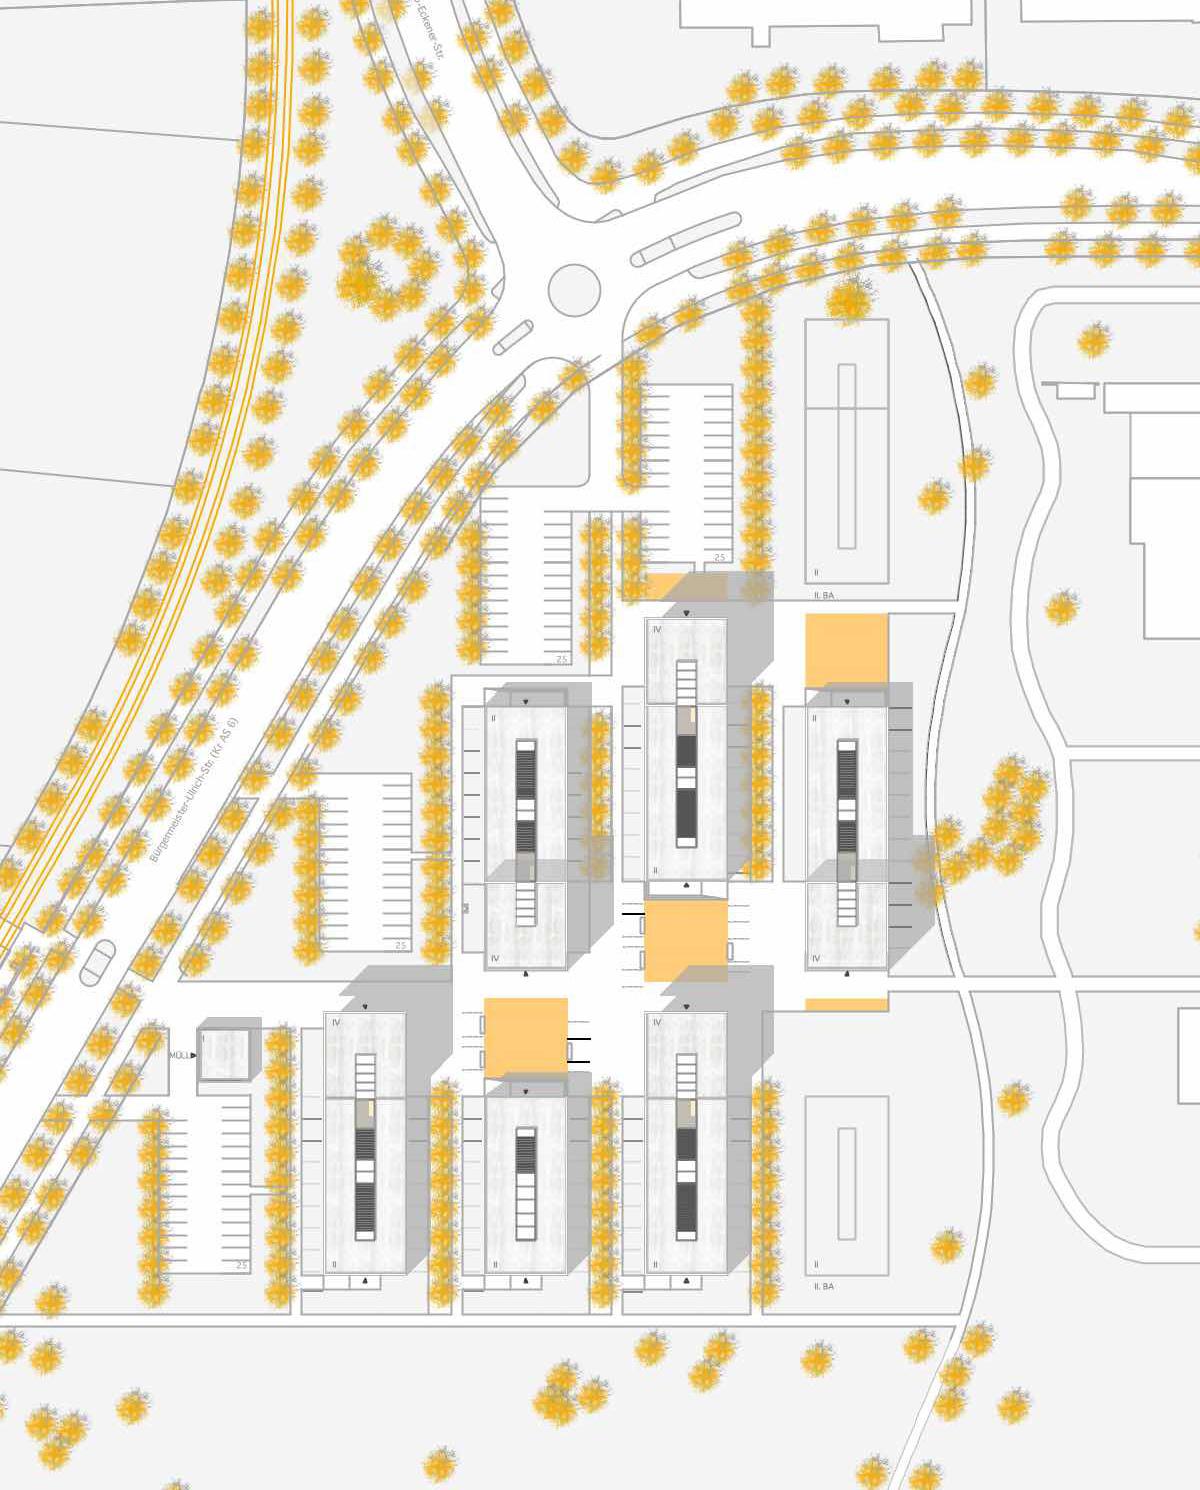 Lageplan-Neubau-eines-Studentenwohnheims-in-Augsburg-Wettbewerb-2009-5thprize-©-Friedrich-Poerschke-Zwink-Architekten